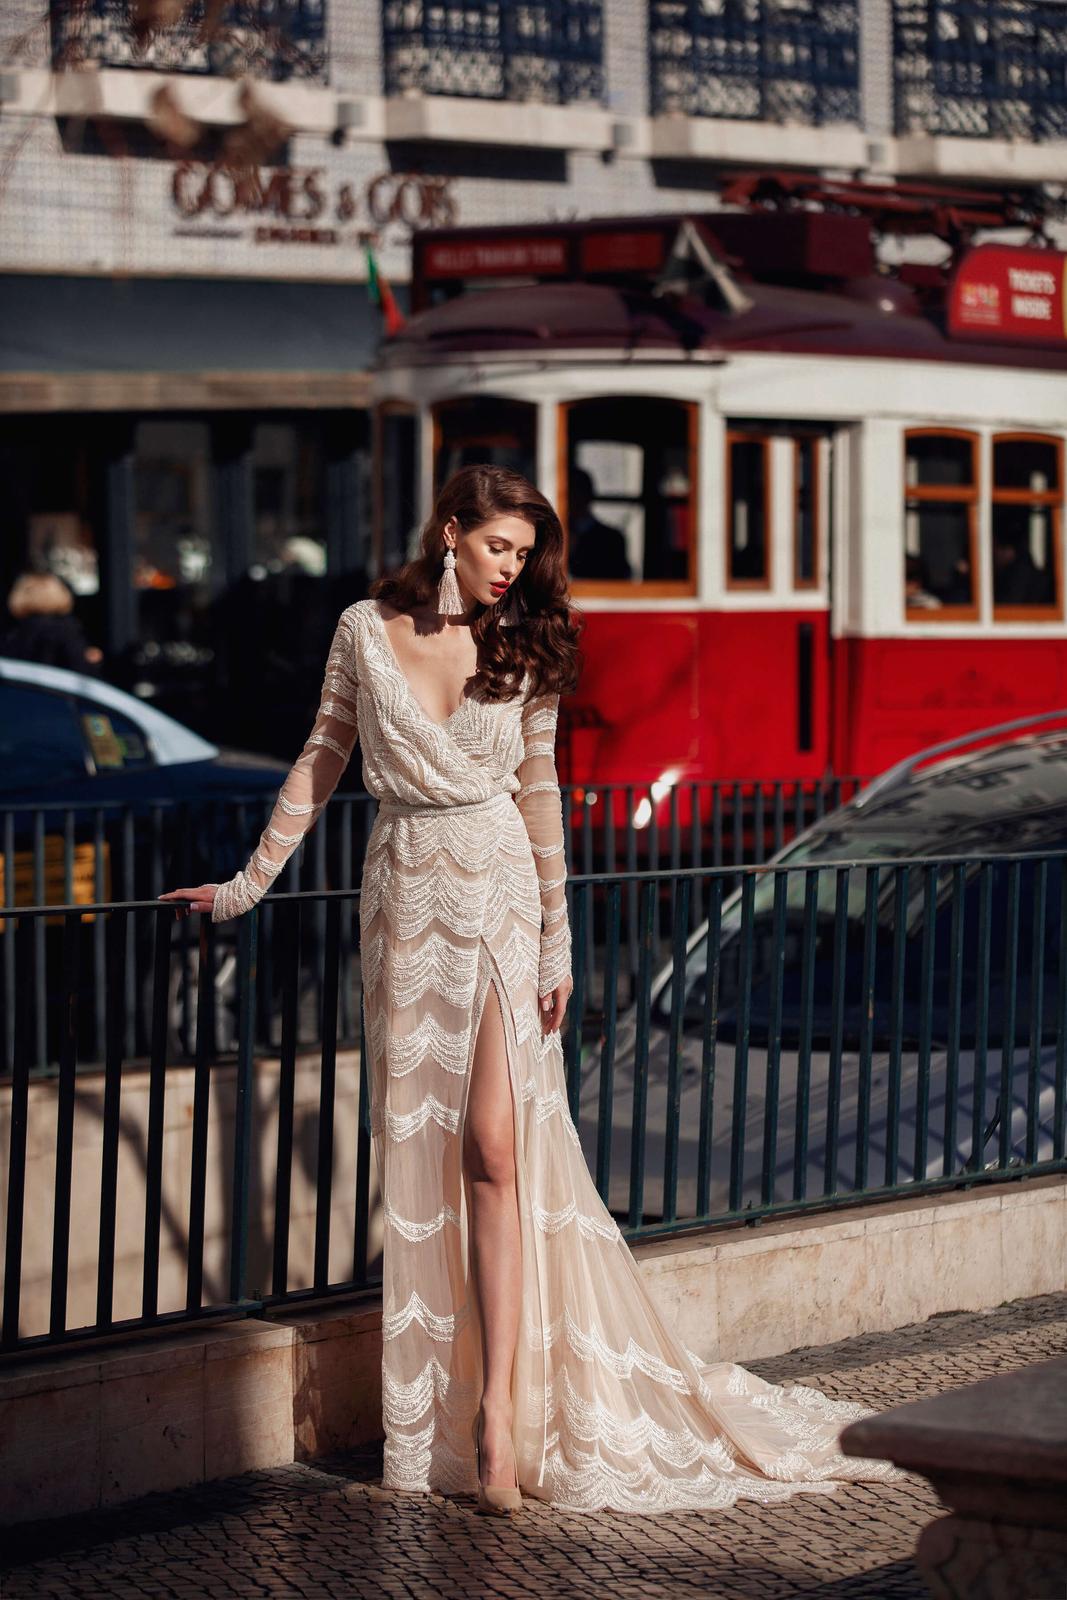 Innocentia Divina 2019 * Svadobné šaty z kolekcií na rok 2019 - Obrázok č. 49